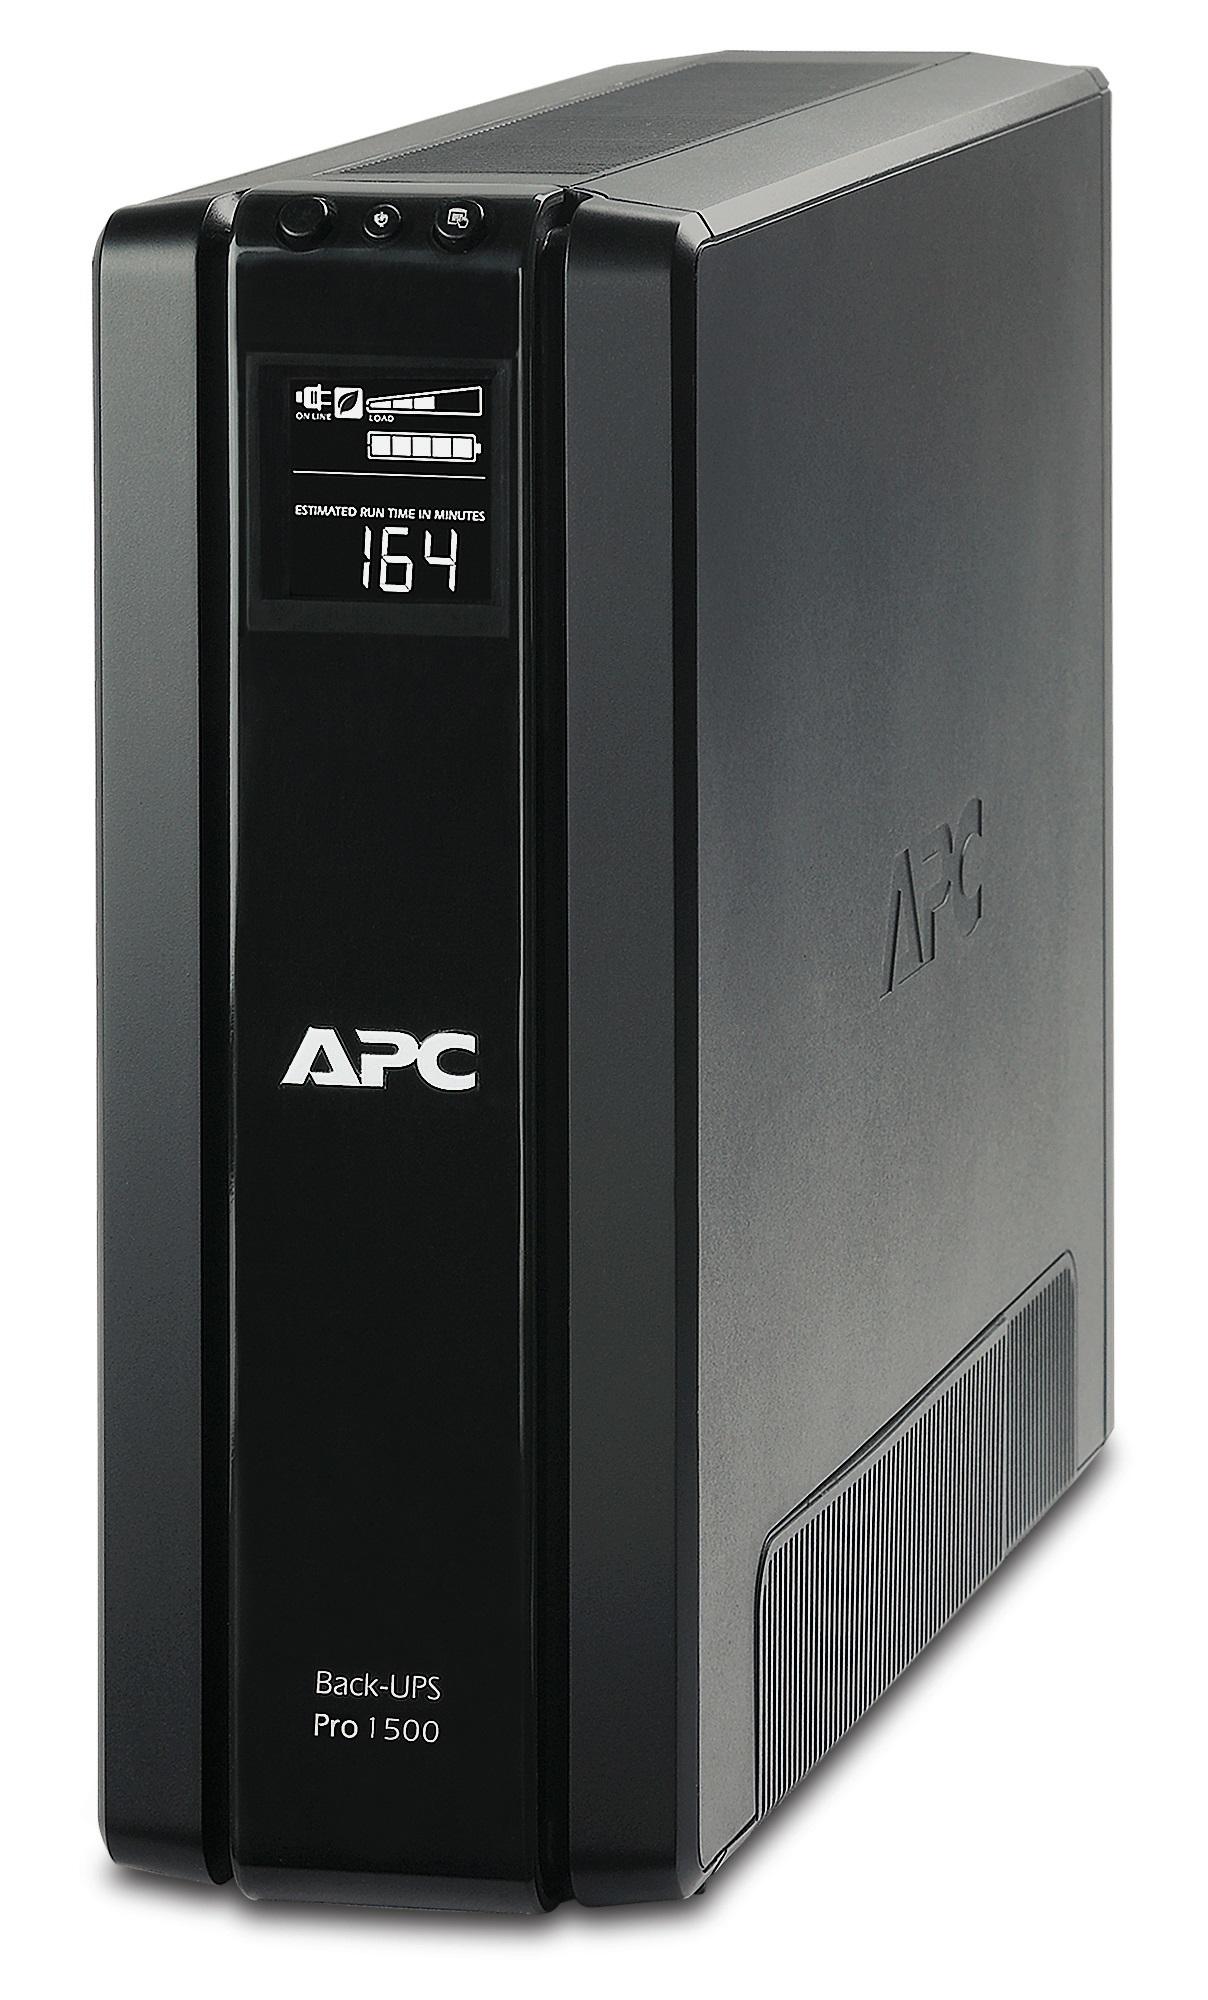 APC Back-UPS Pro sistema de alimentación ininterrumpida (UPS) Línea interactiva 1500 VA 865 W 6 salidas AC